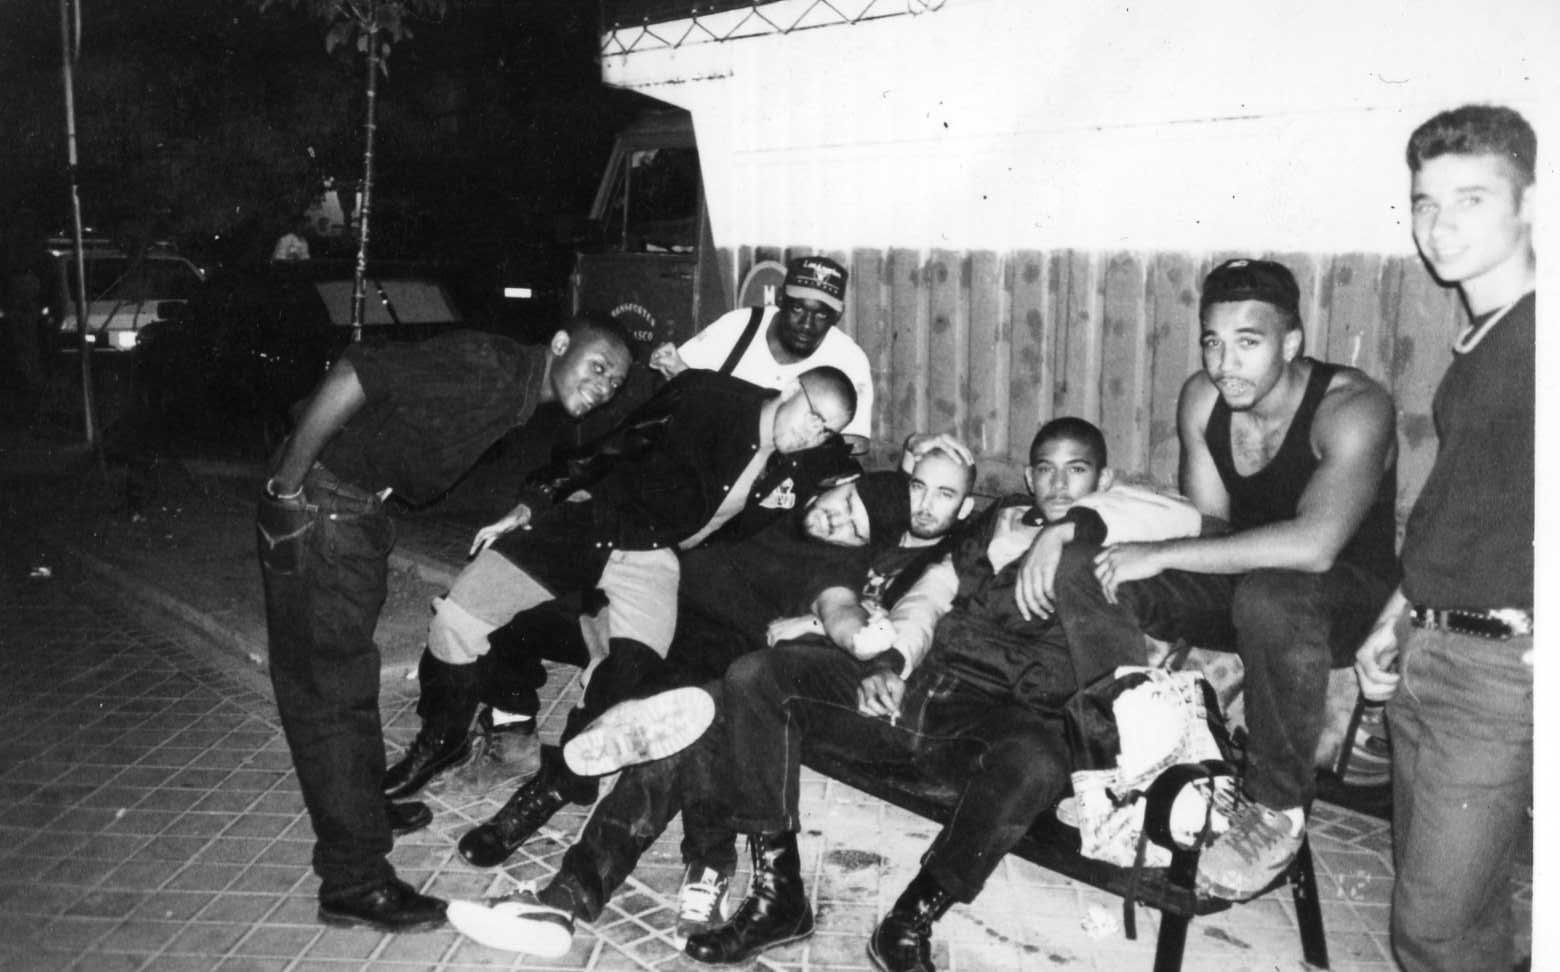 Los rimeros rimaderos del Hip Hop en España